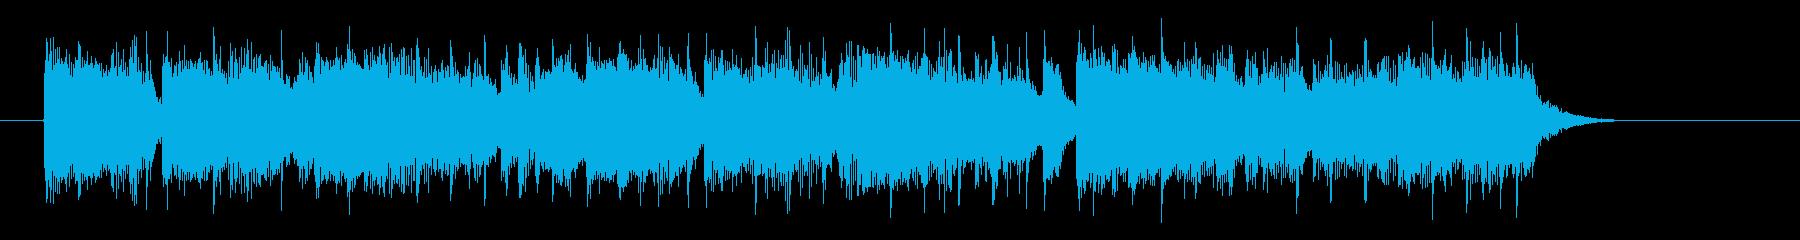 爽やかで明るいシンセサイザーサウンドの再生済みの波形